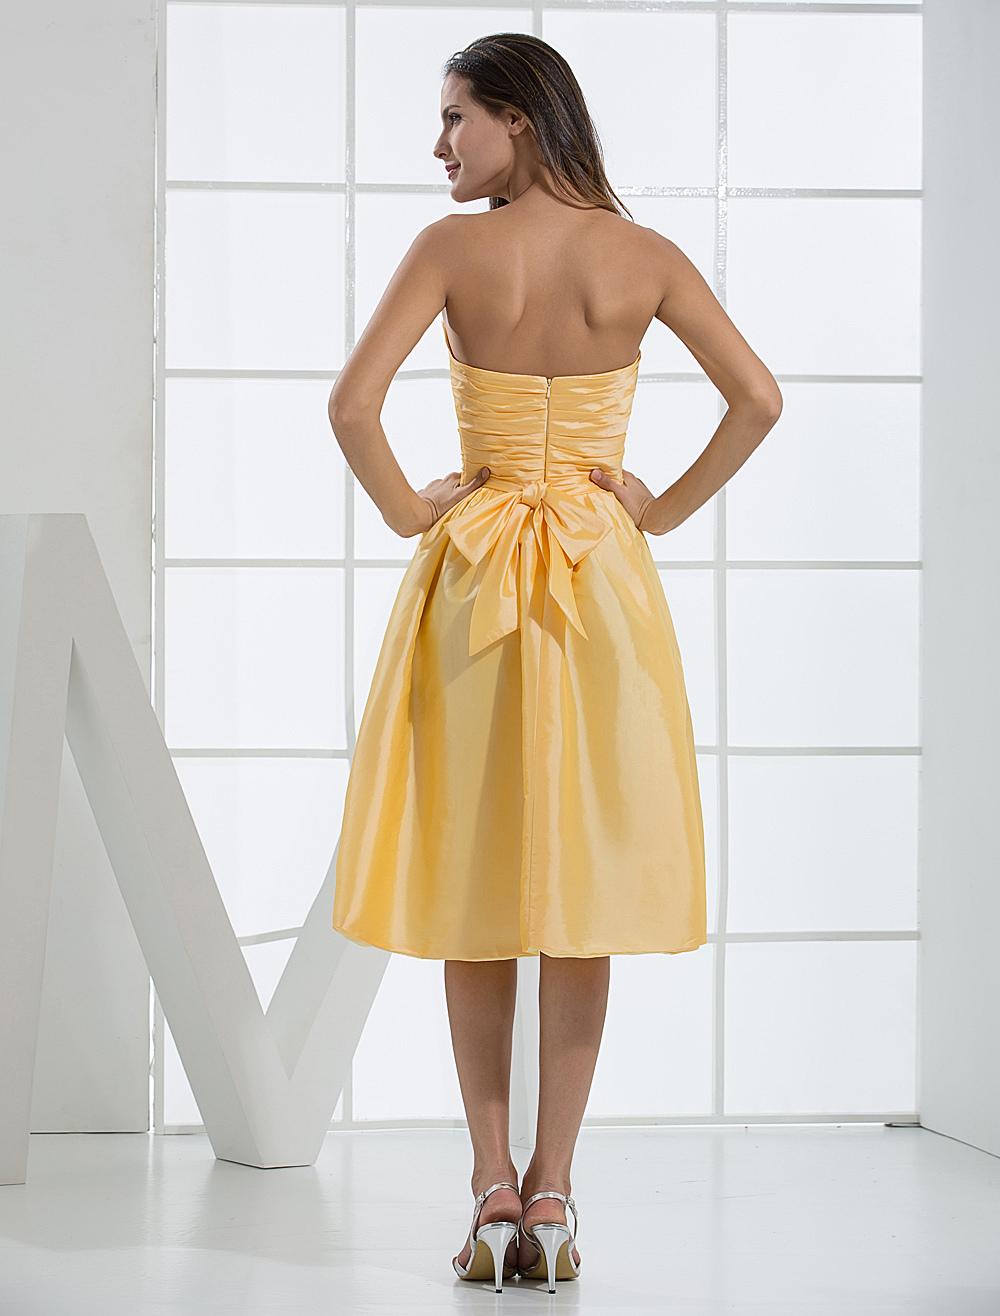 Trägerloses Prom-Kleid in Narzissengelb - Milanoo.com